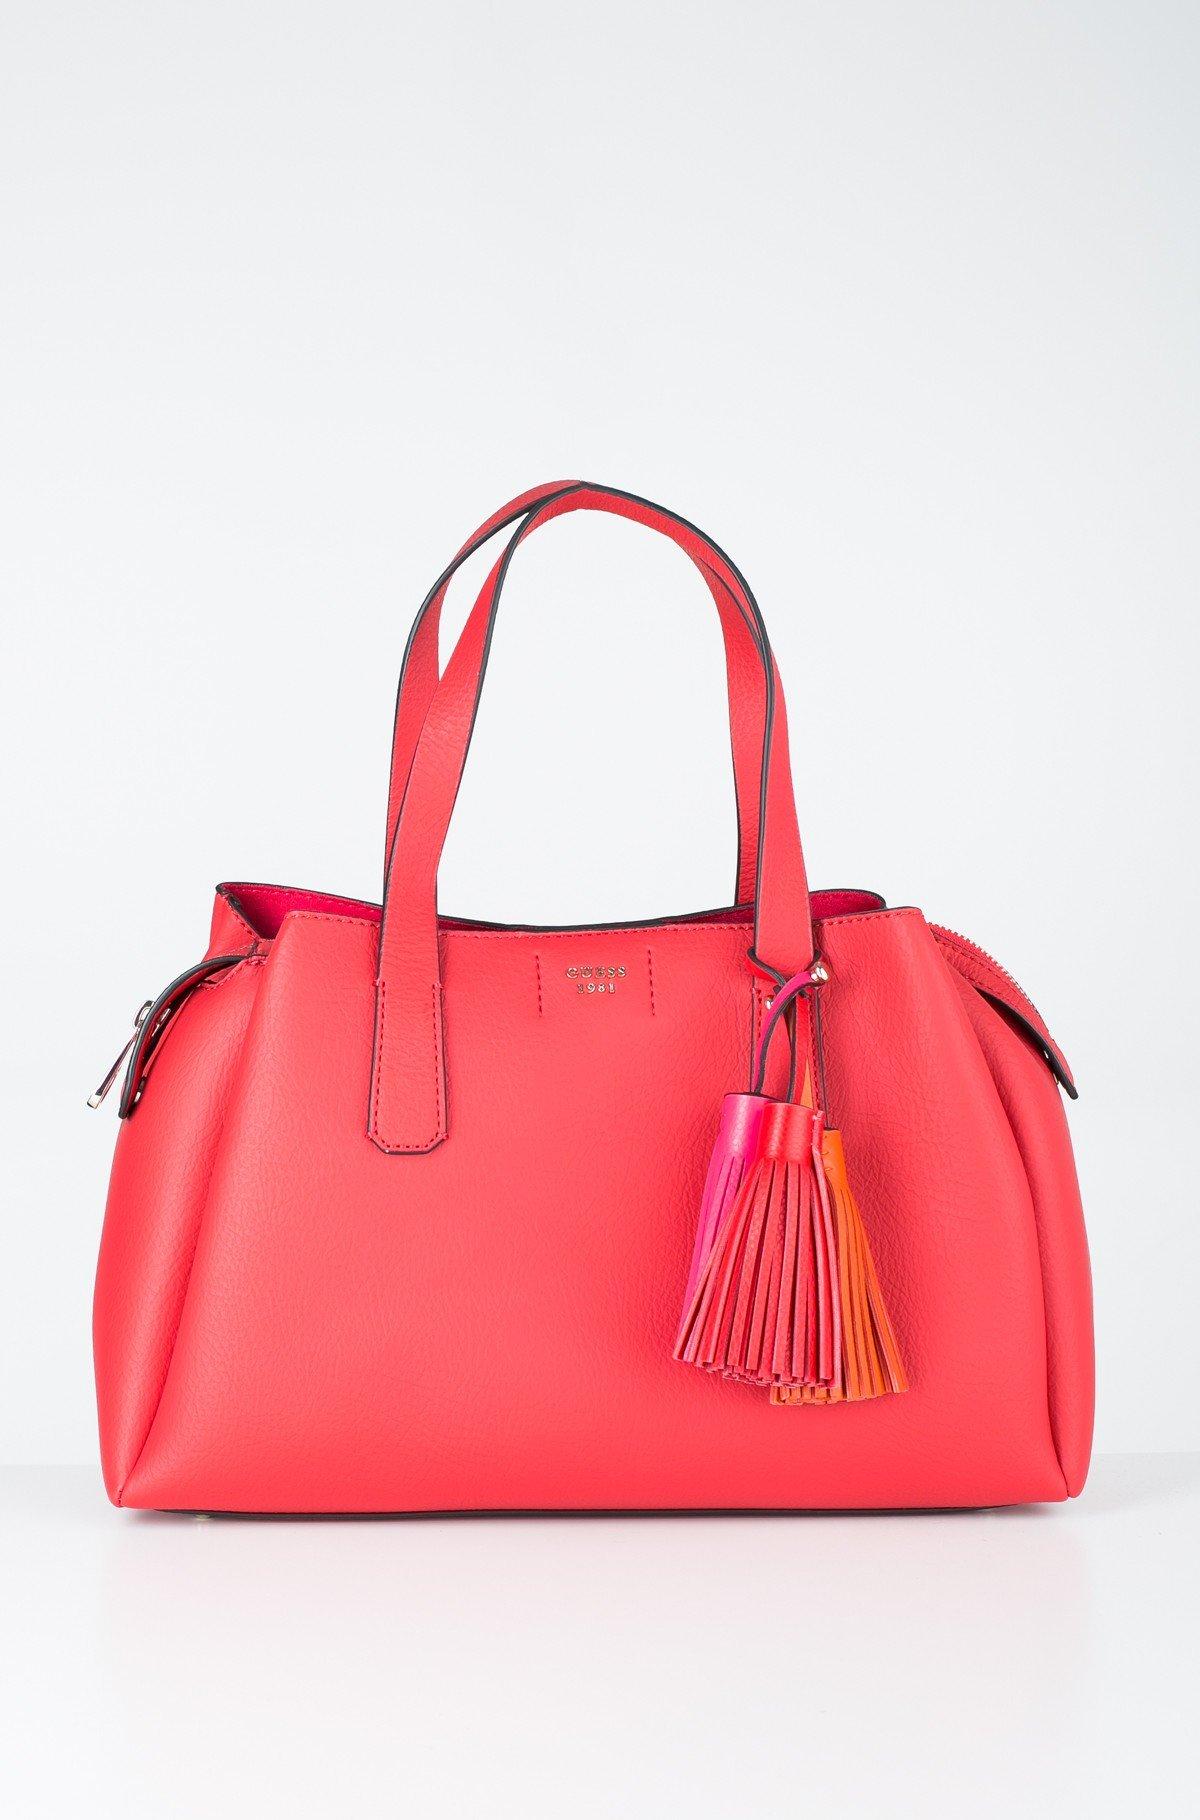 Handbag HWVG69 54060-full-1